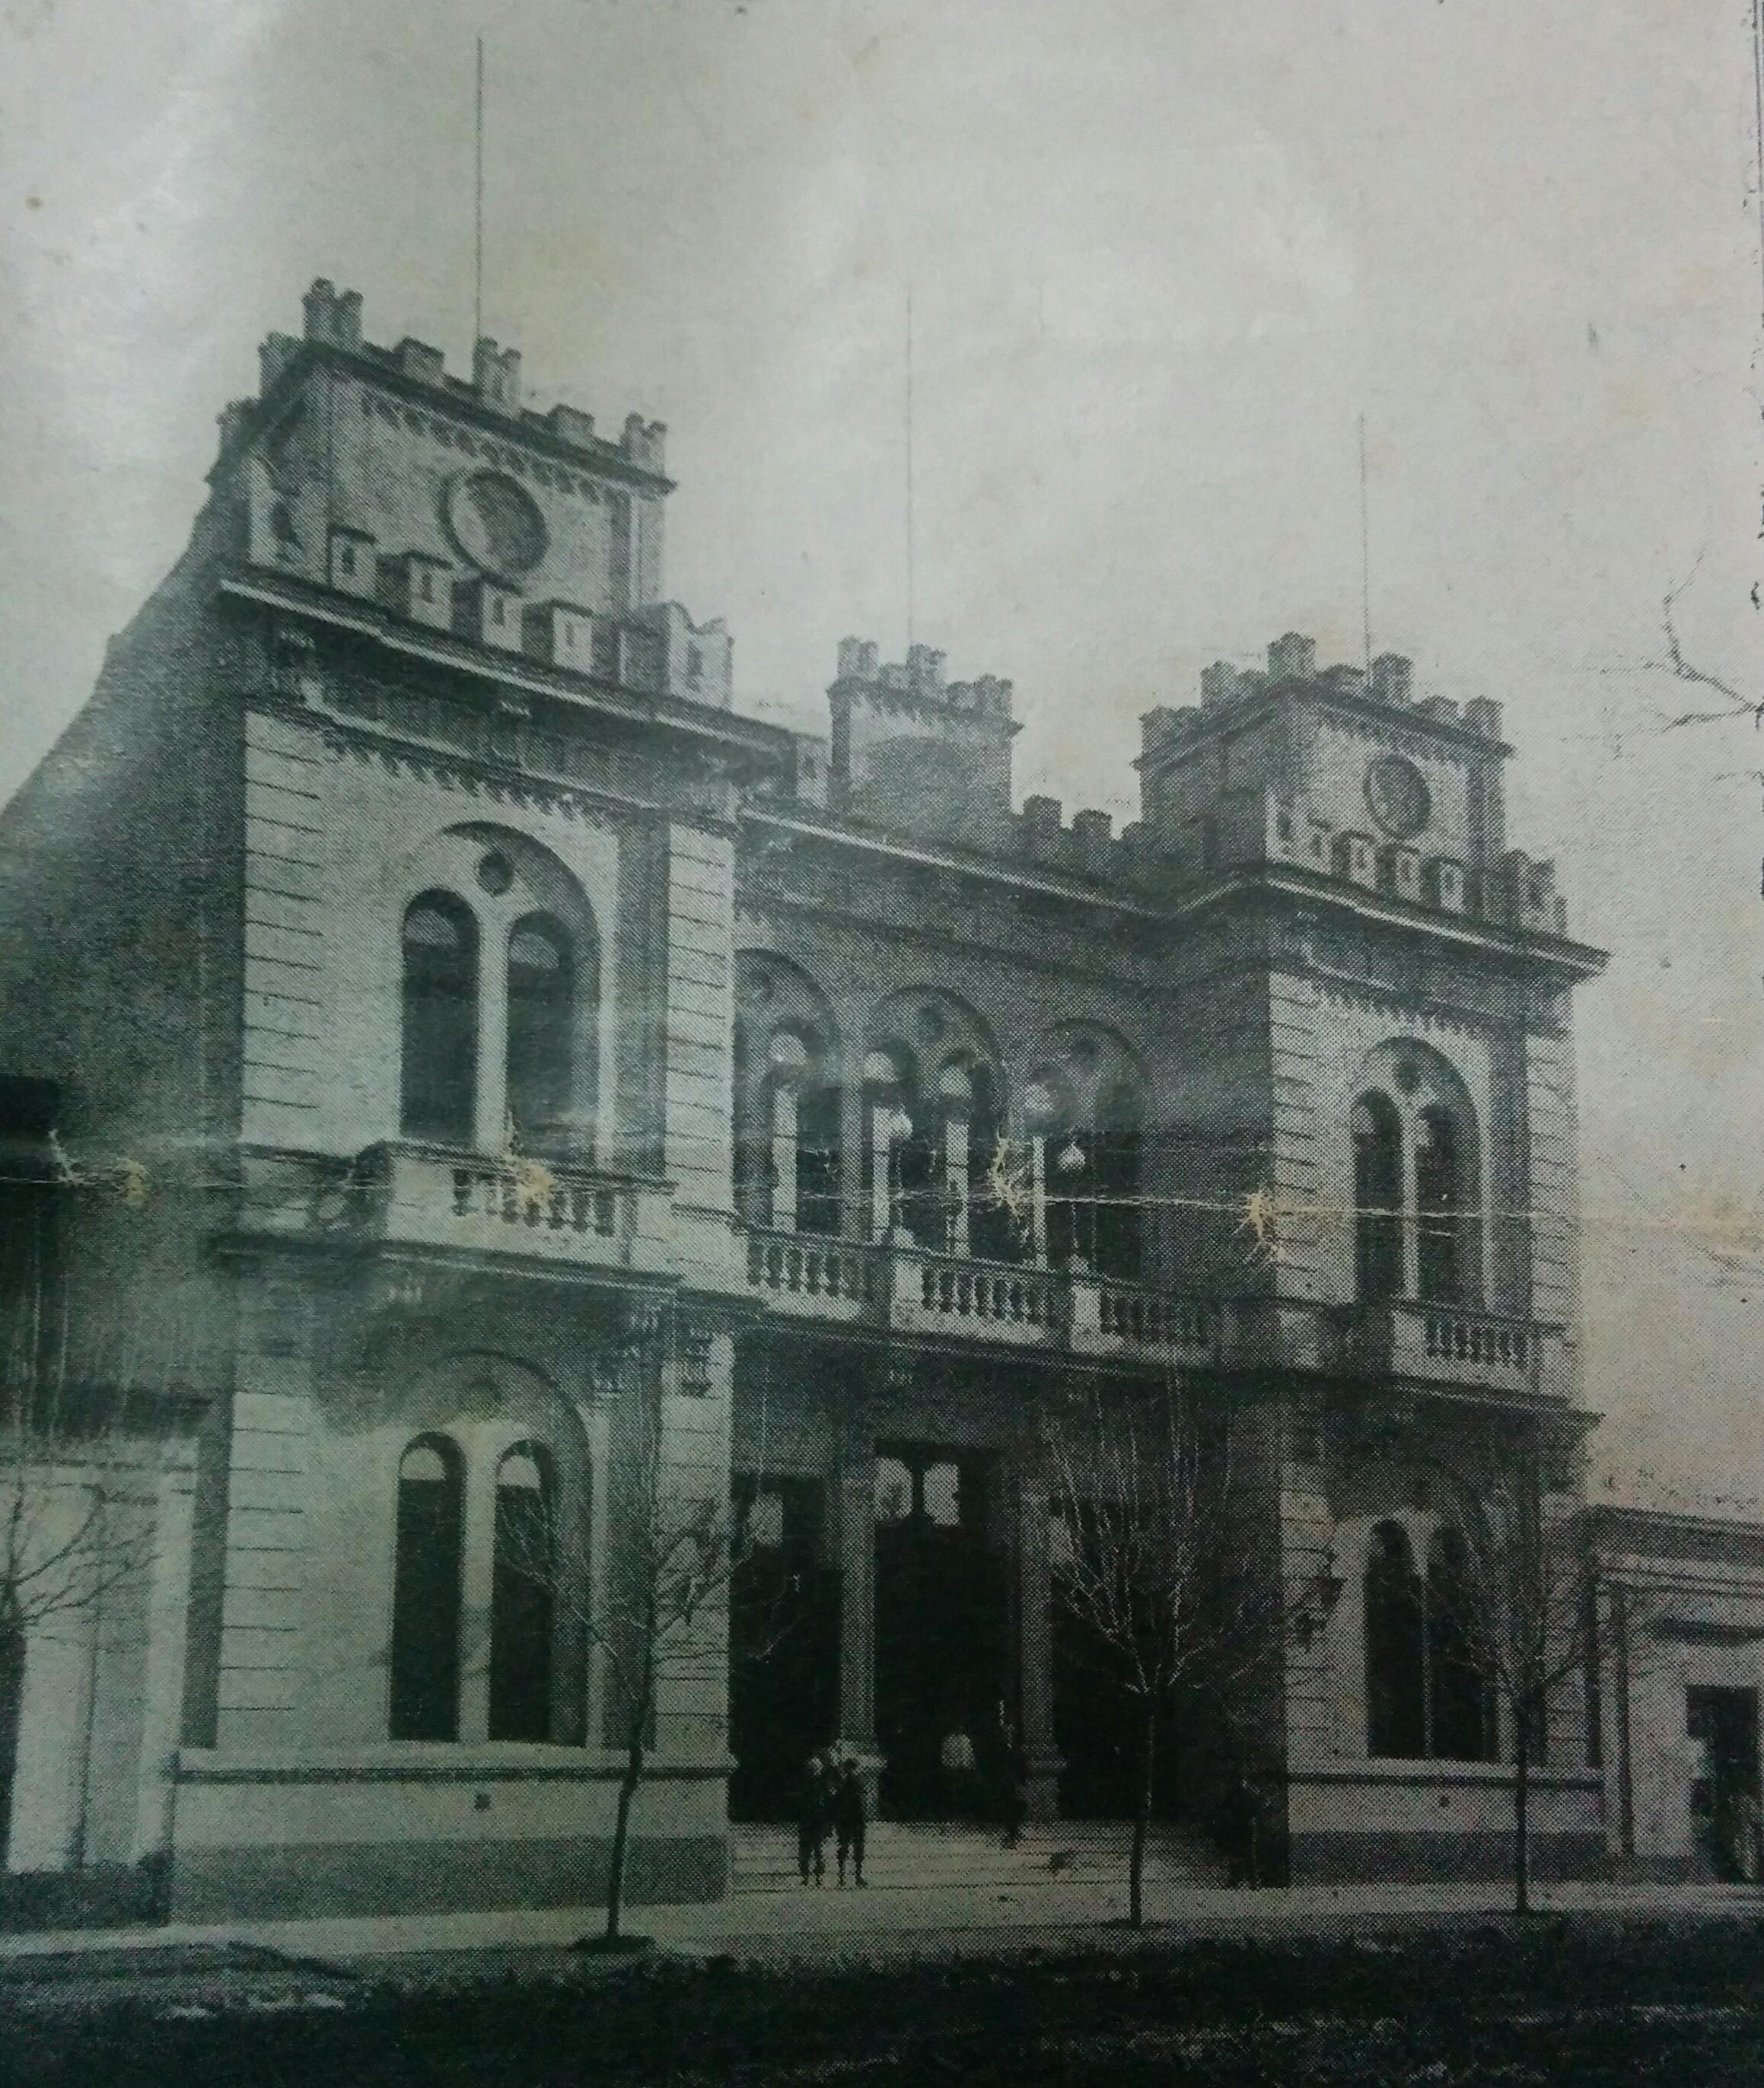 Sede Institucional de la Sociedad Operaria Italiana, fundada el 7 de julio de 1867.